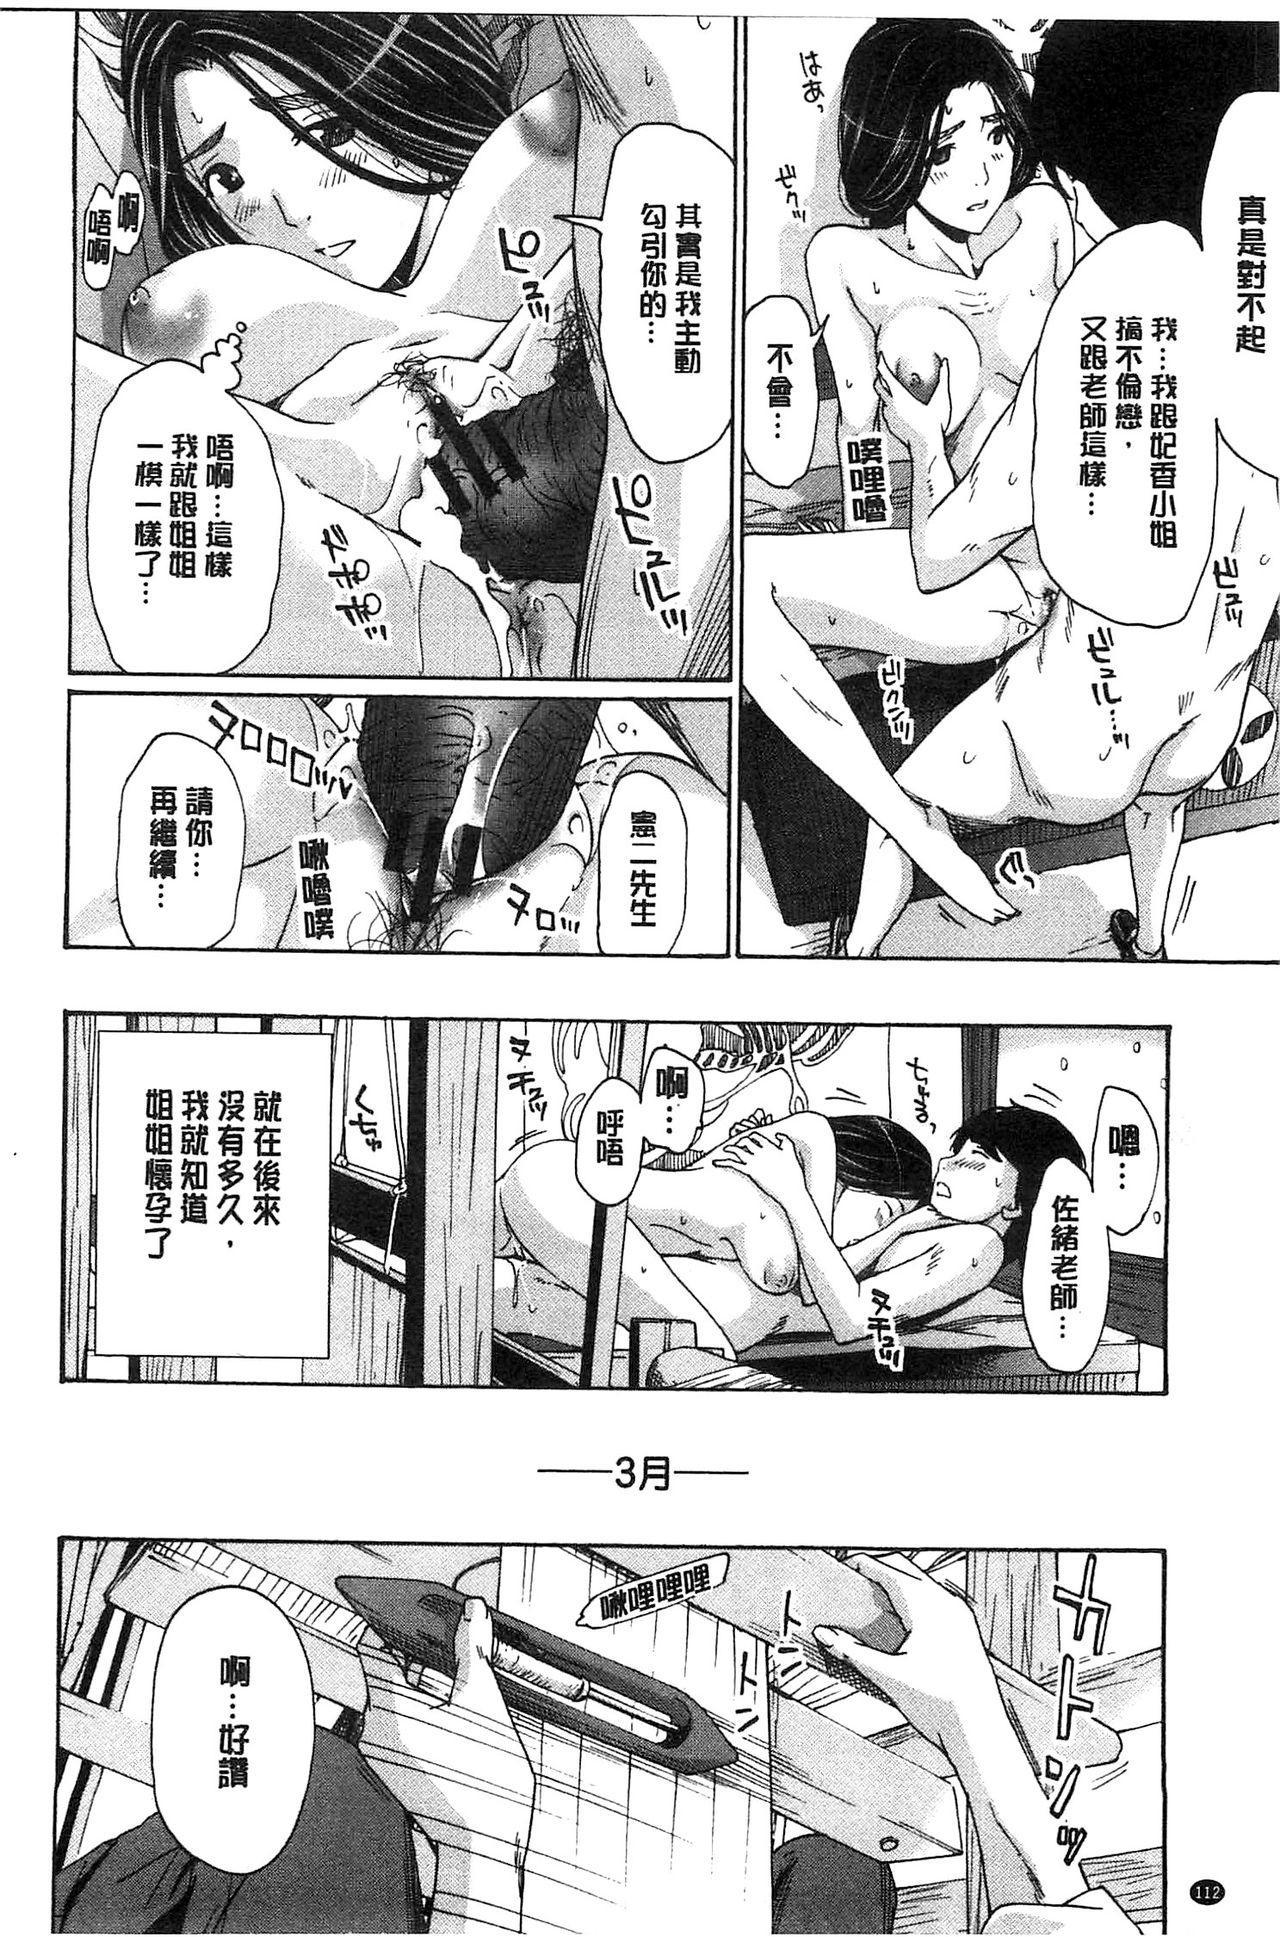 Watashito Iikoto Shiyo? 118